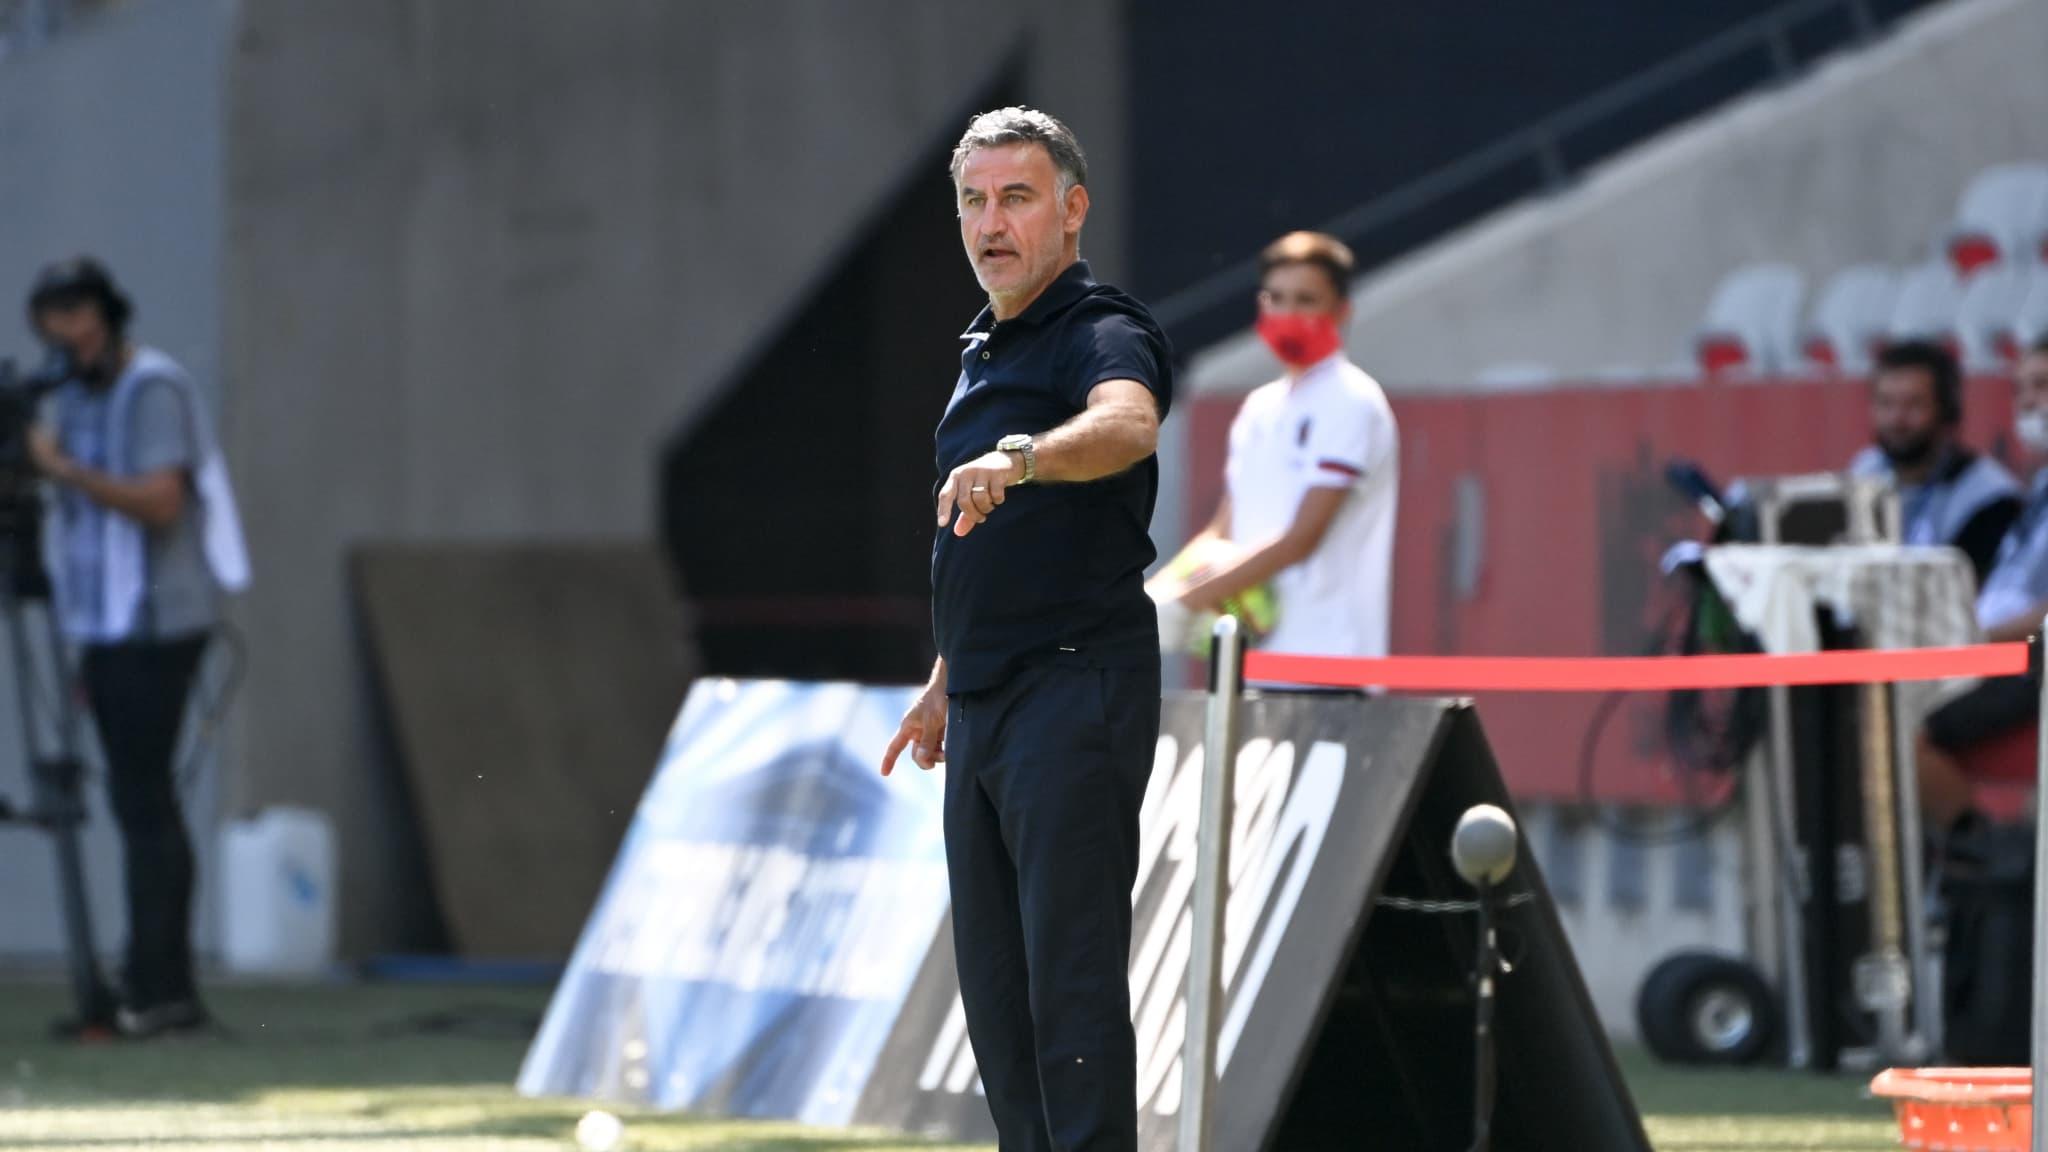 Galtier demande à ses joueurs de ne pas célébrer les buts devant les supporters adverses